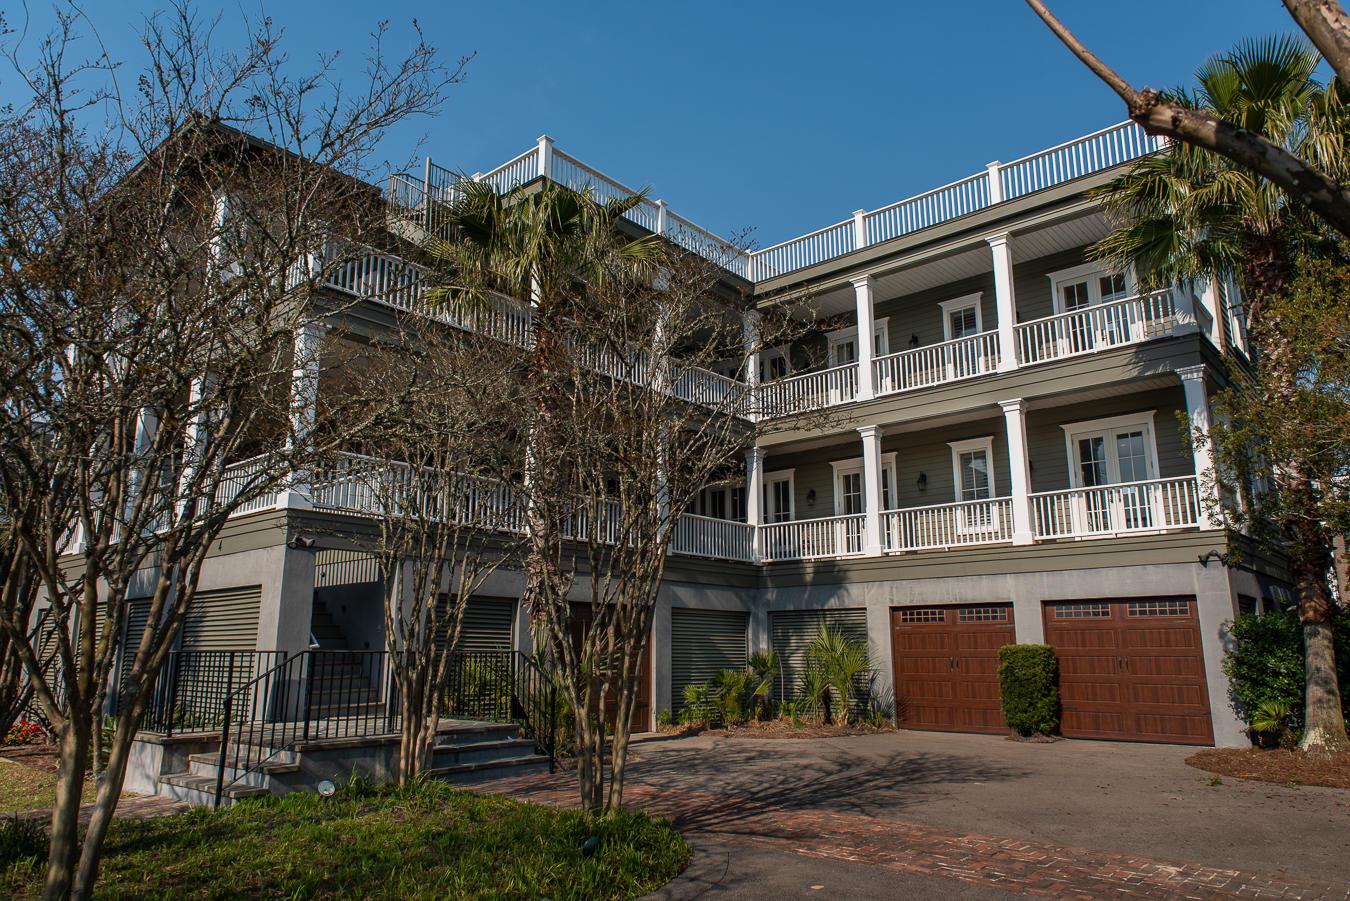 4 52nd Avenue Isle of Palms $4,495,000.00